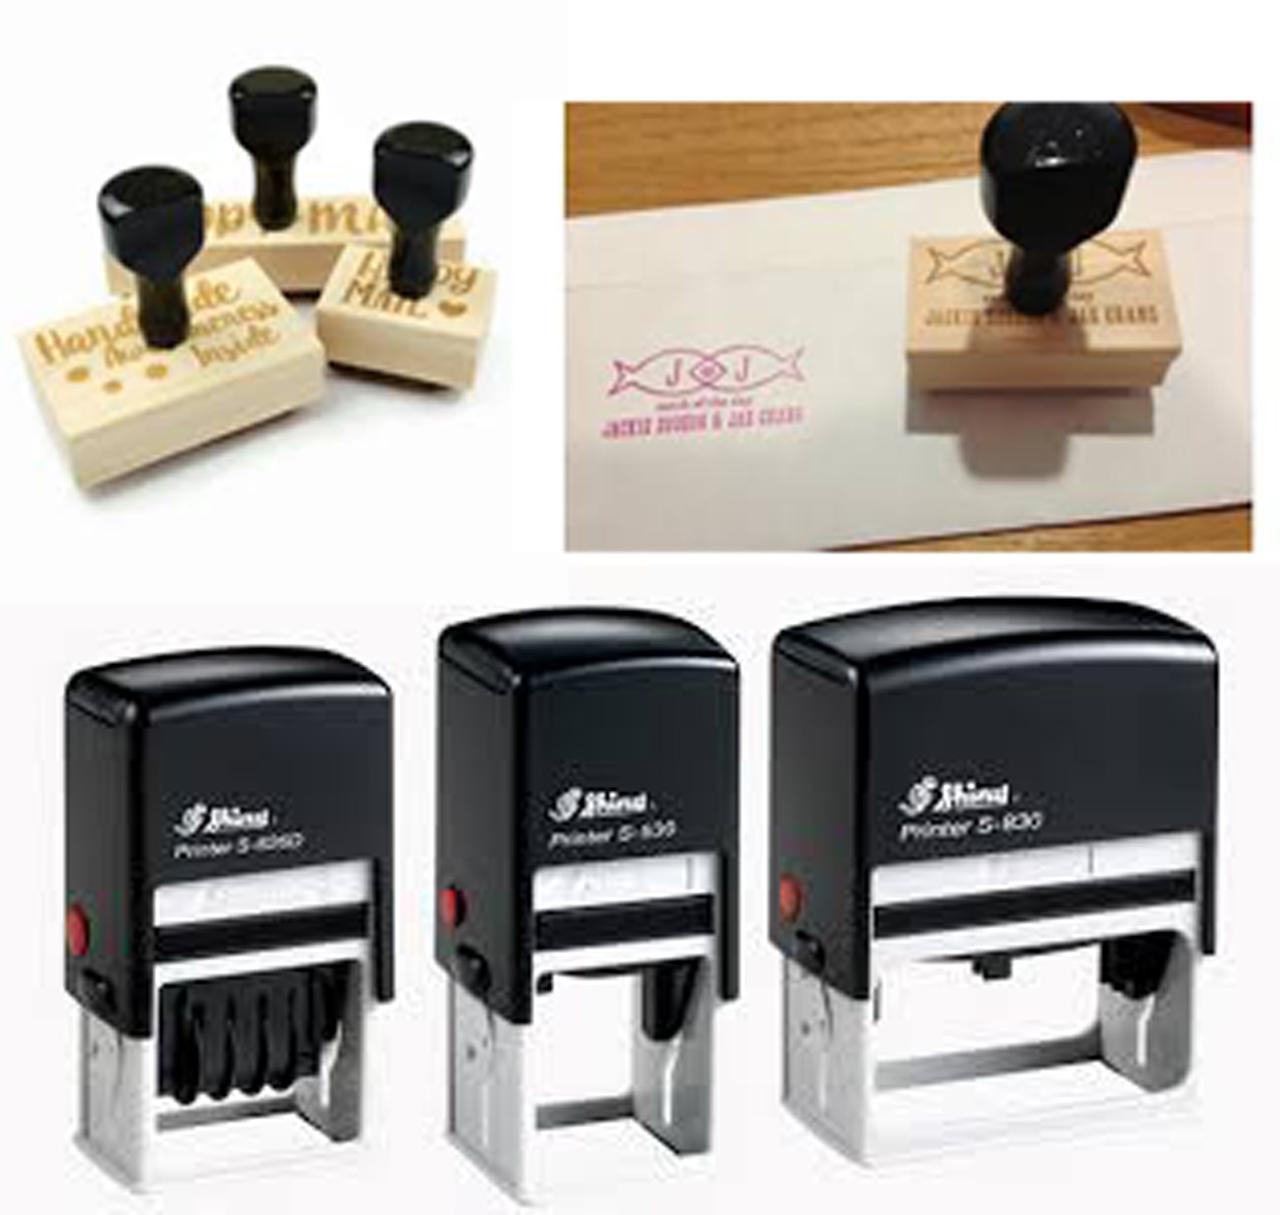 Stamps Selfinking Wooden Handle.jpg